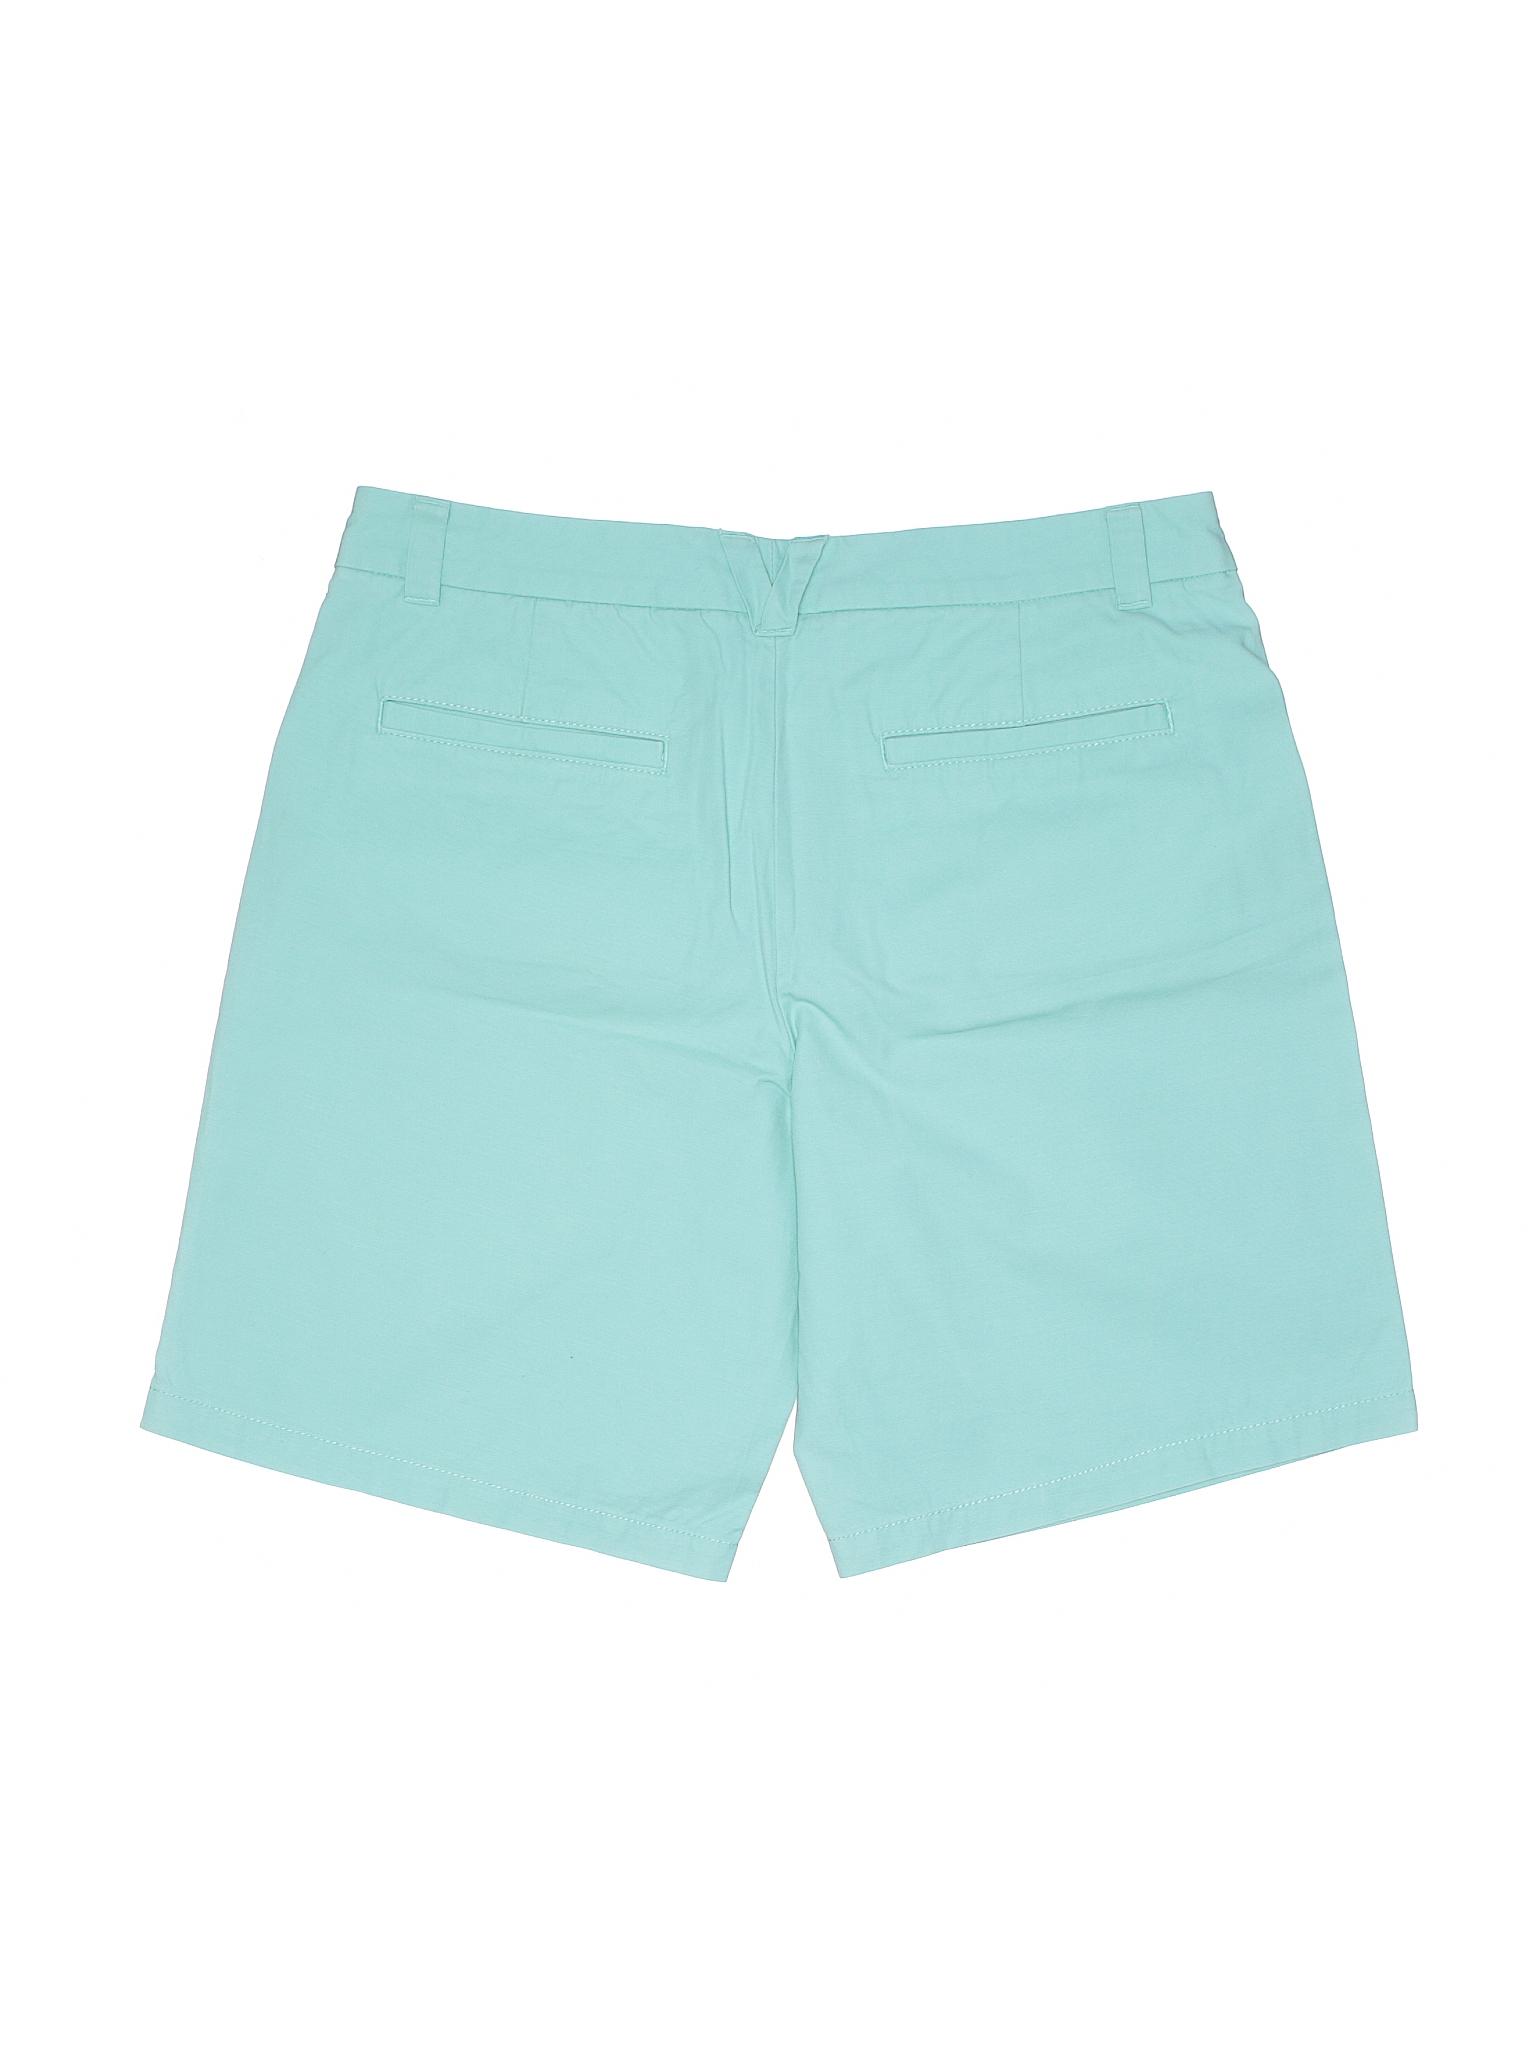 Khaki Gap Boutique Gap Khaki Shorts Boutique Shorts Boutique zzYqPSF